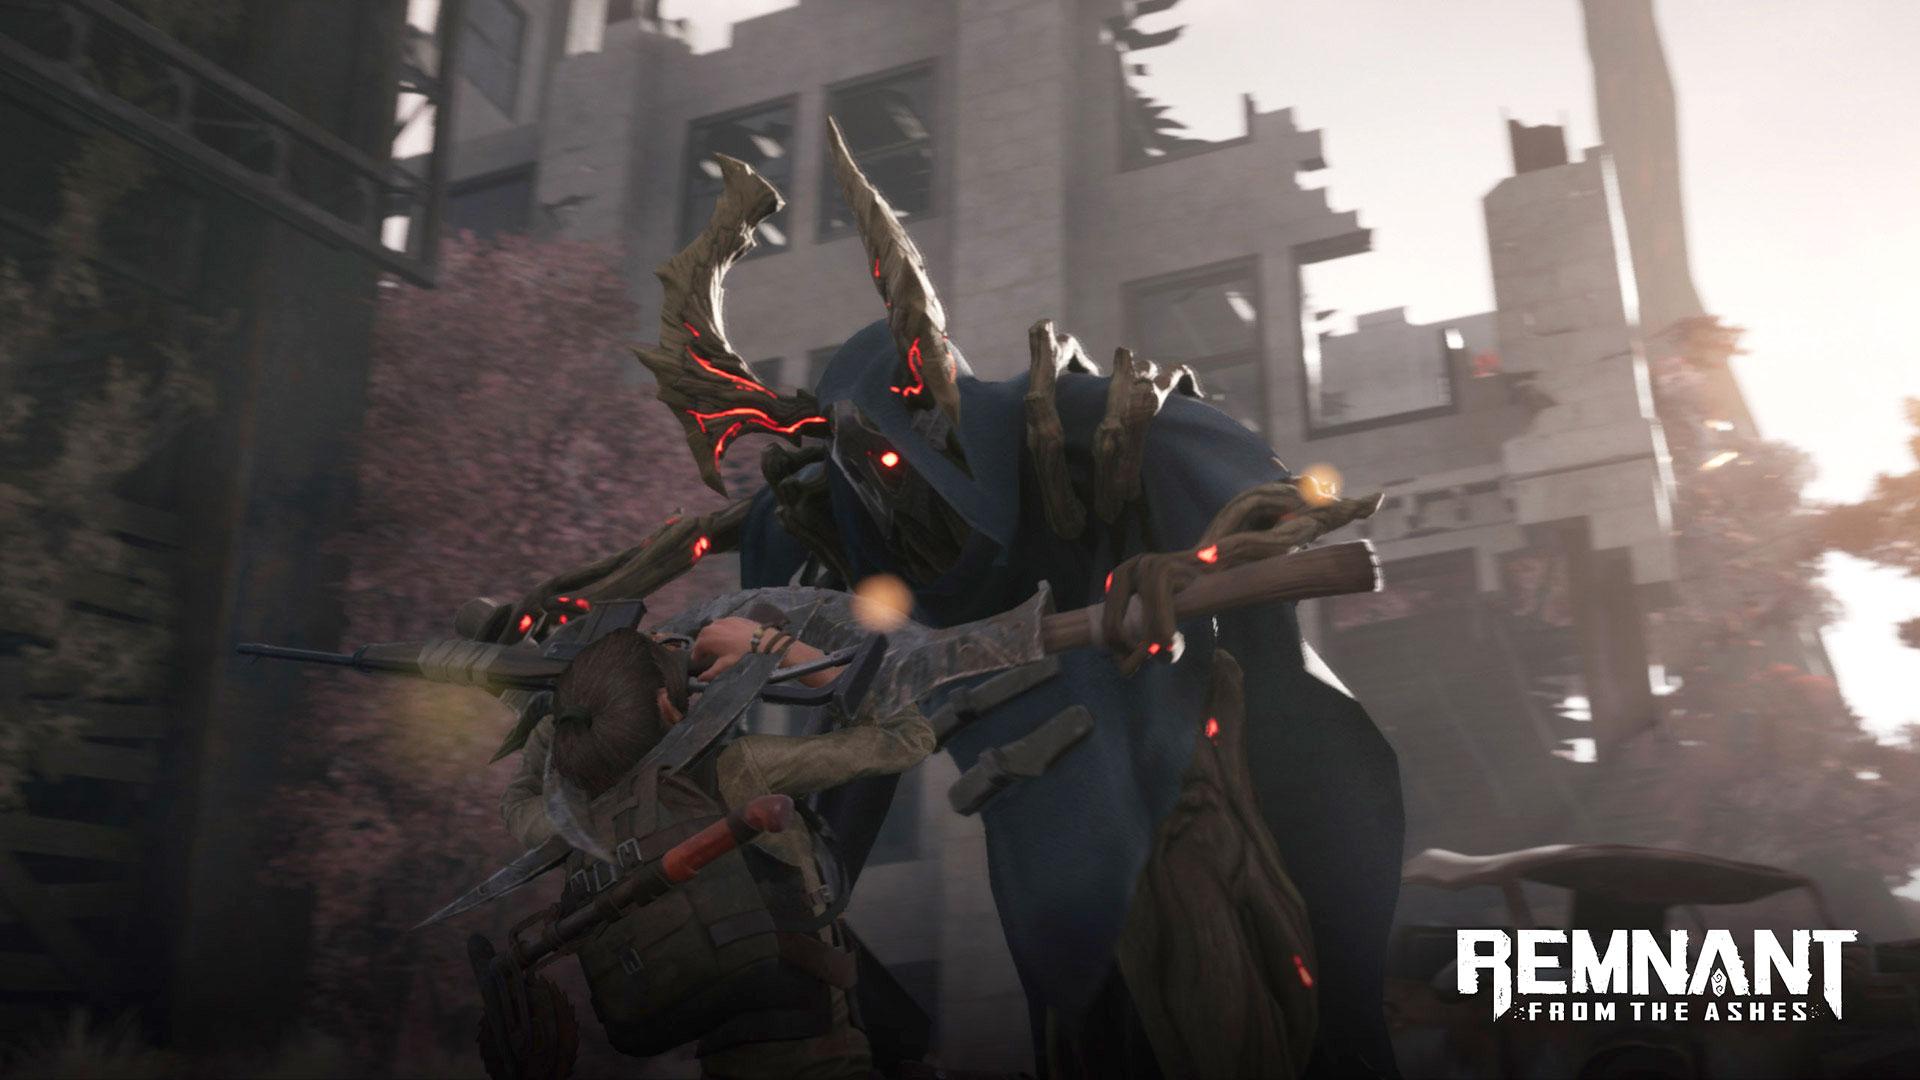 Um herauszufinden, woher die Monster kommen und wie man sie bezwingen kann, starten die Helden eine Hinweissuche durch zahllose Parallelwelten.